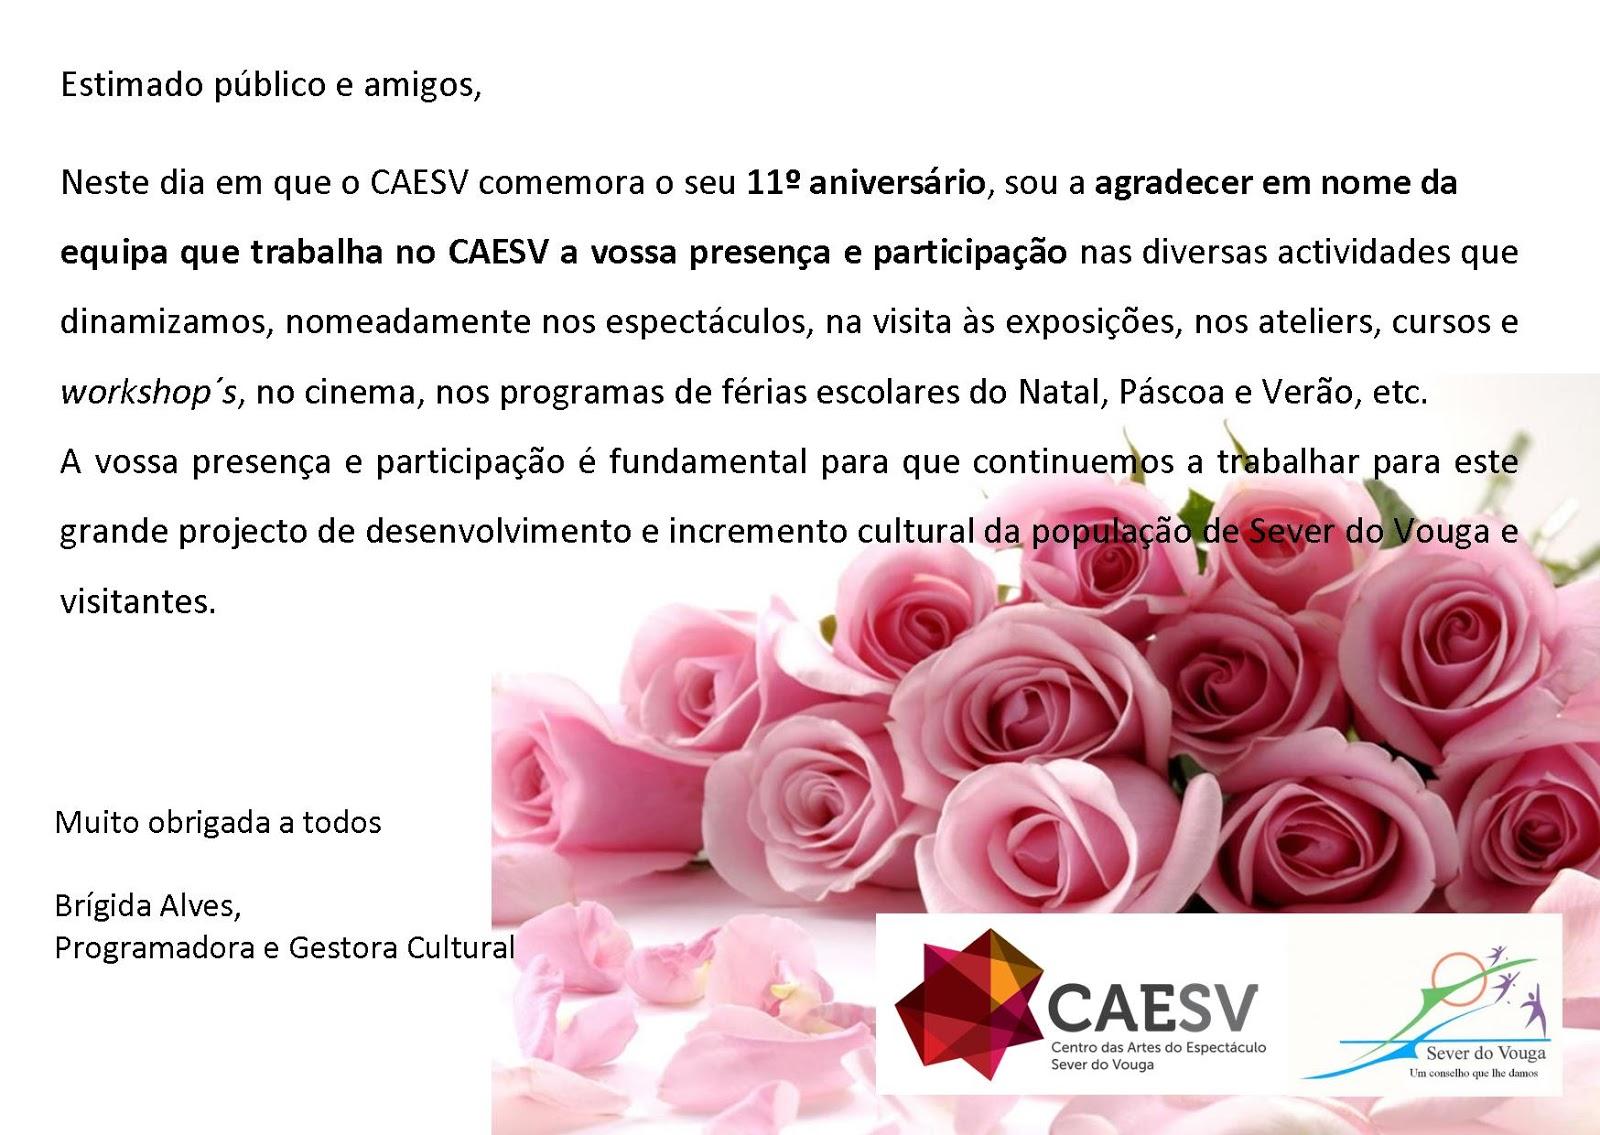 AGRADECIMENTO AO PÚBLICO- 11º ANIVERSÁRIO DO CAESV